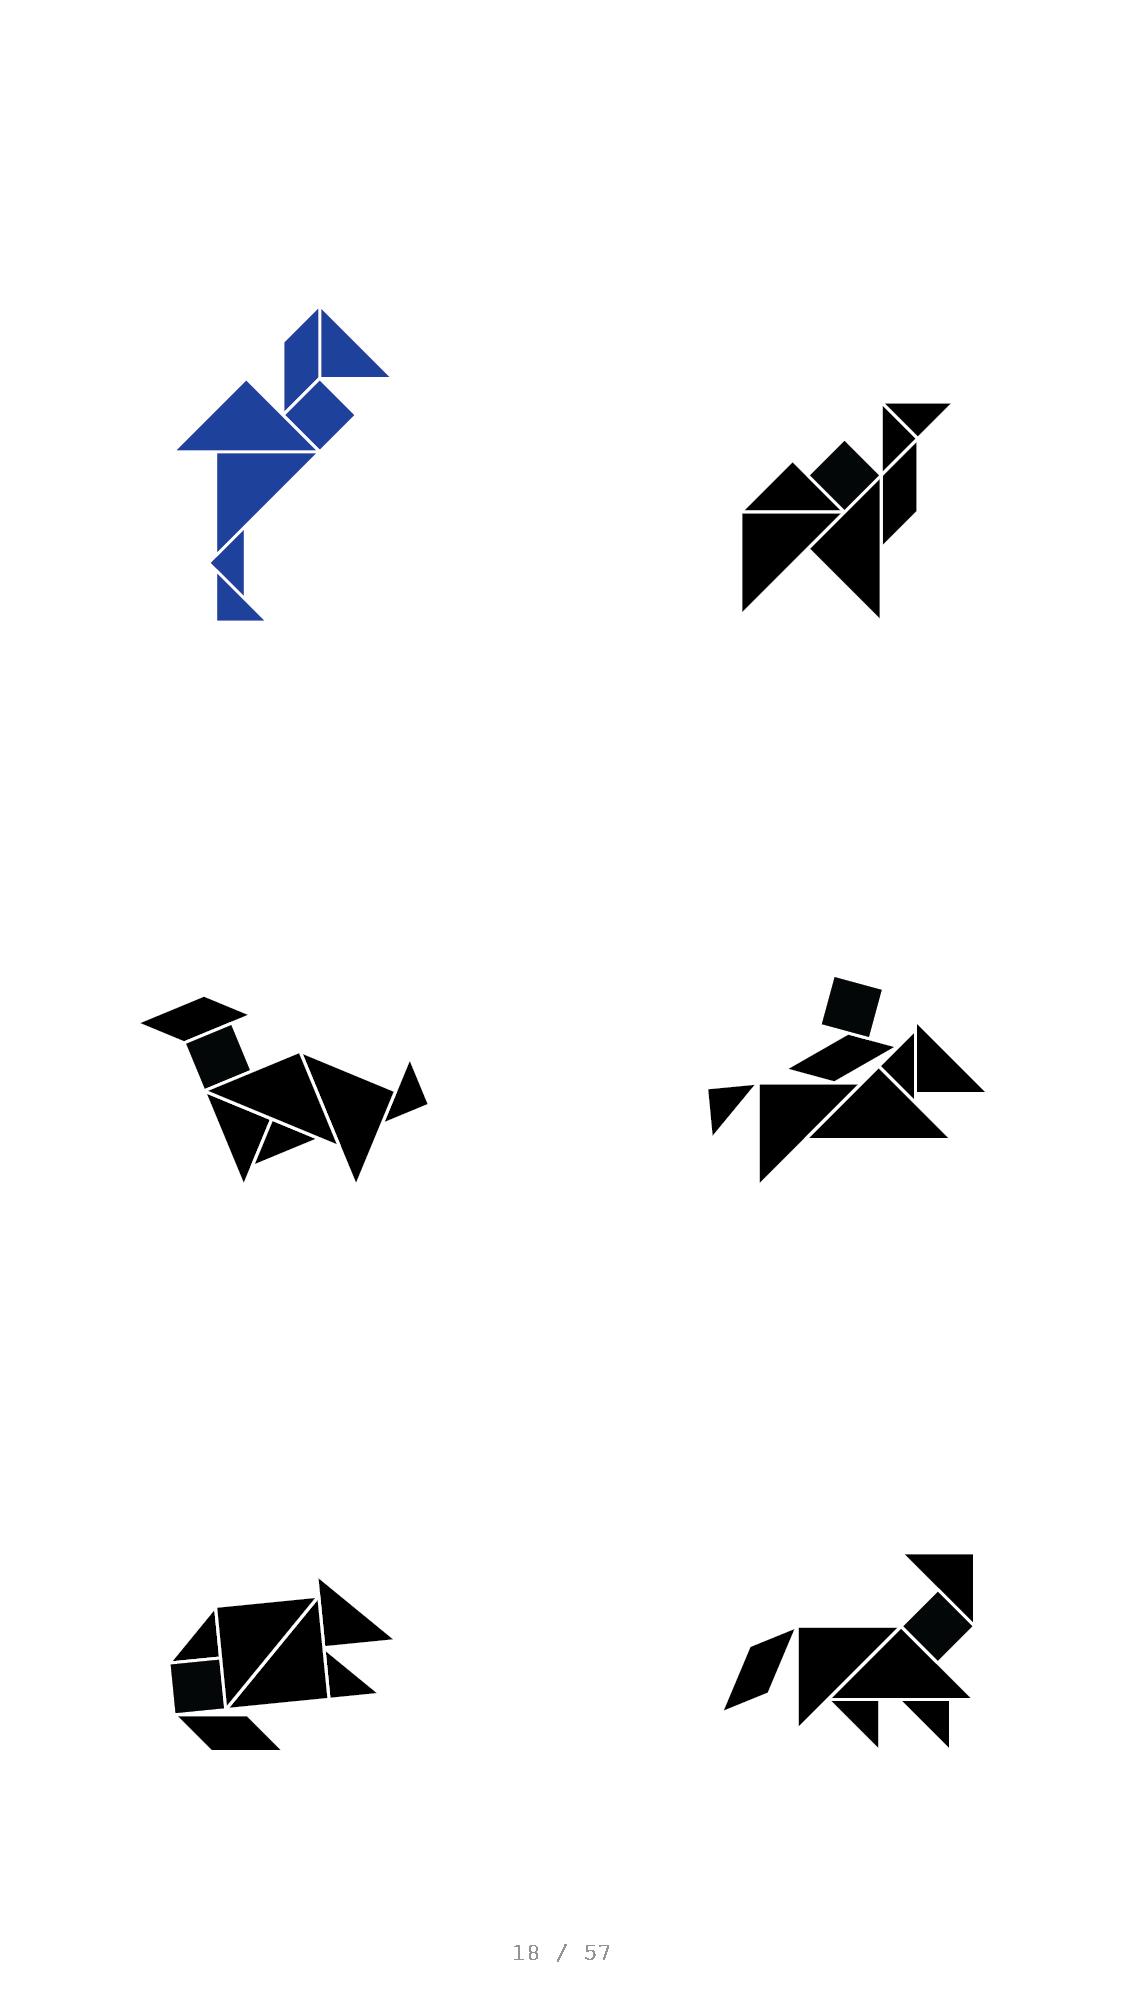 Tangram_Layout_2x3_schwarz-18